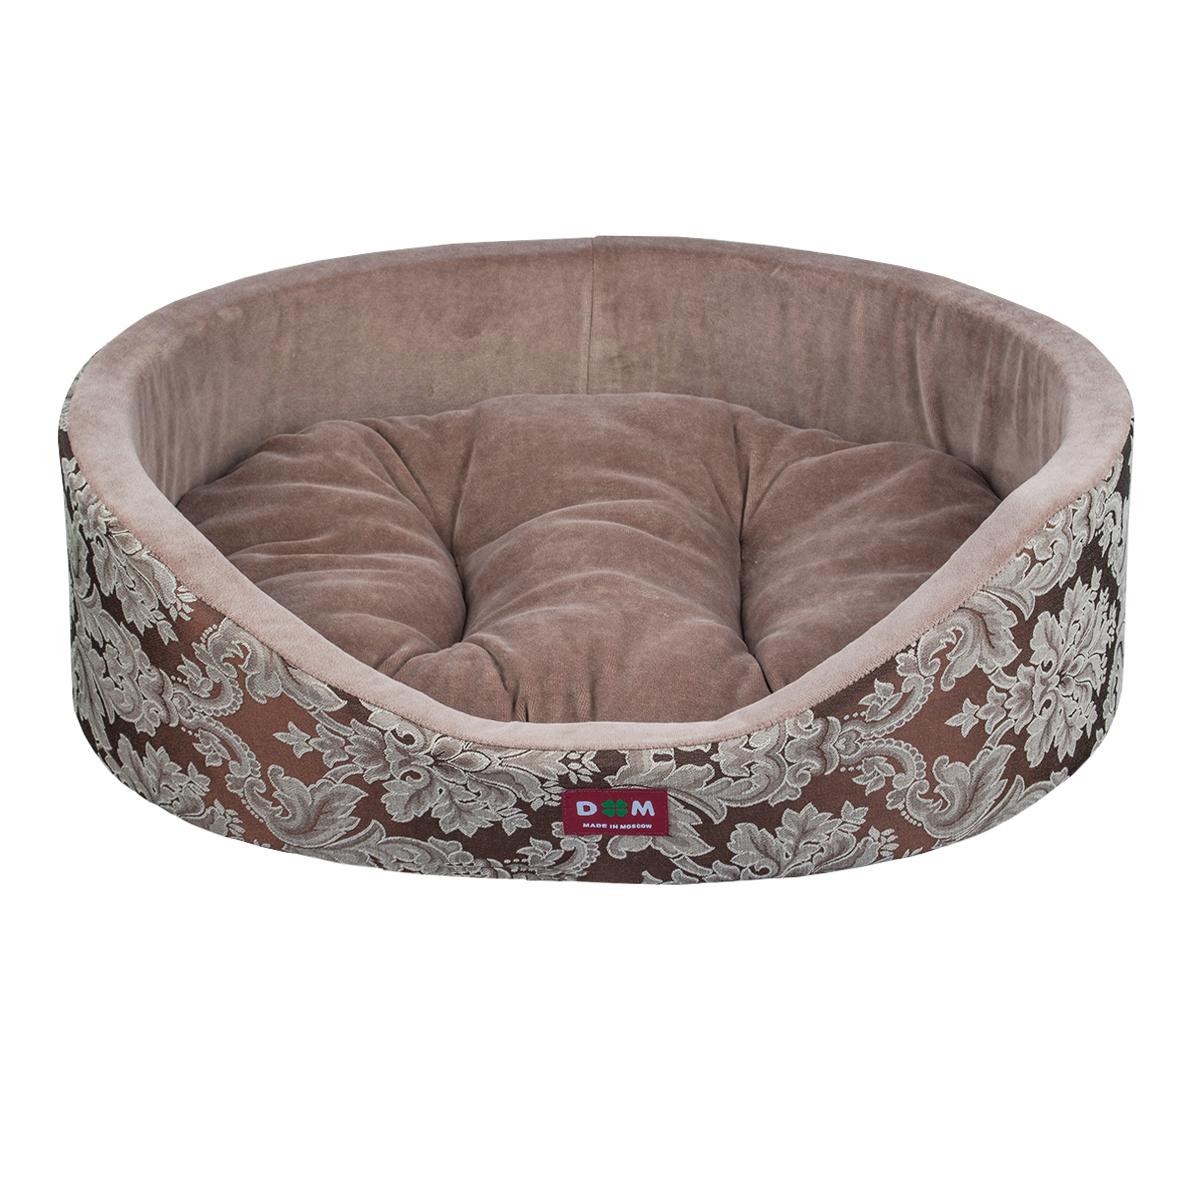 Лежак для животных Dogmoda Классика, 54 х 46 х 16 см. DM-160277-2 комбинезон для собак dogmoda doggs active для мальчика 54 dm 160312